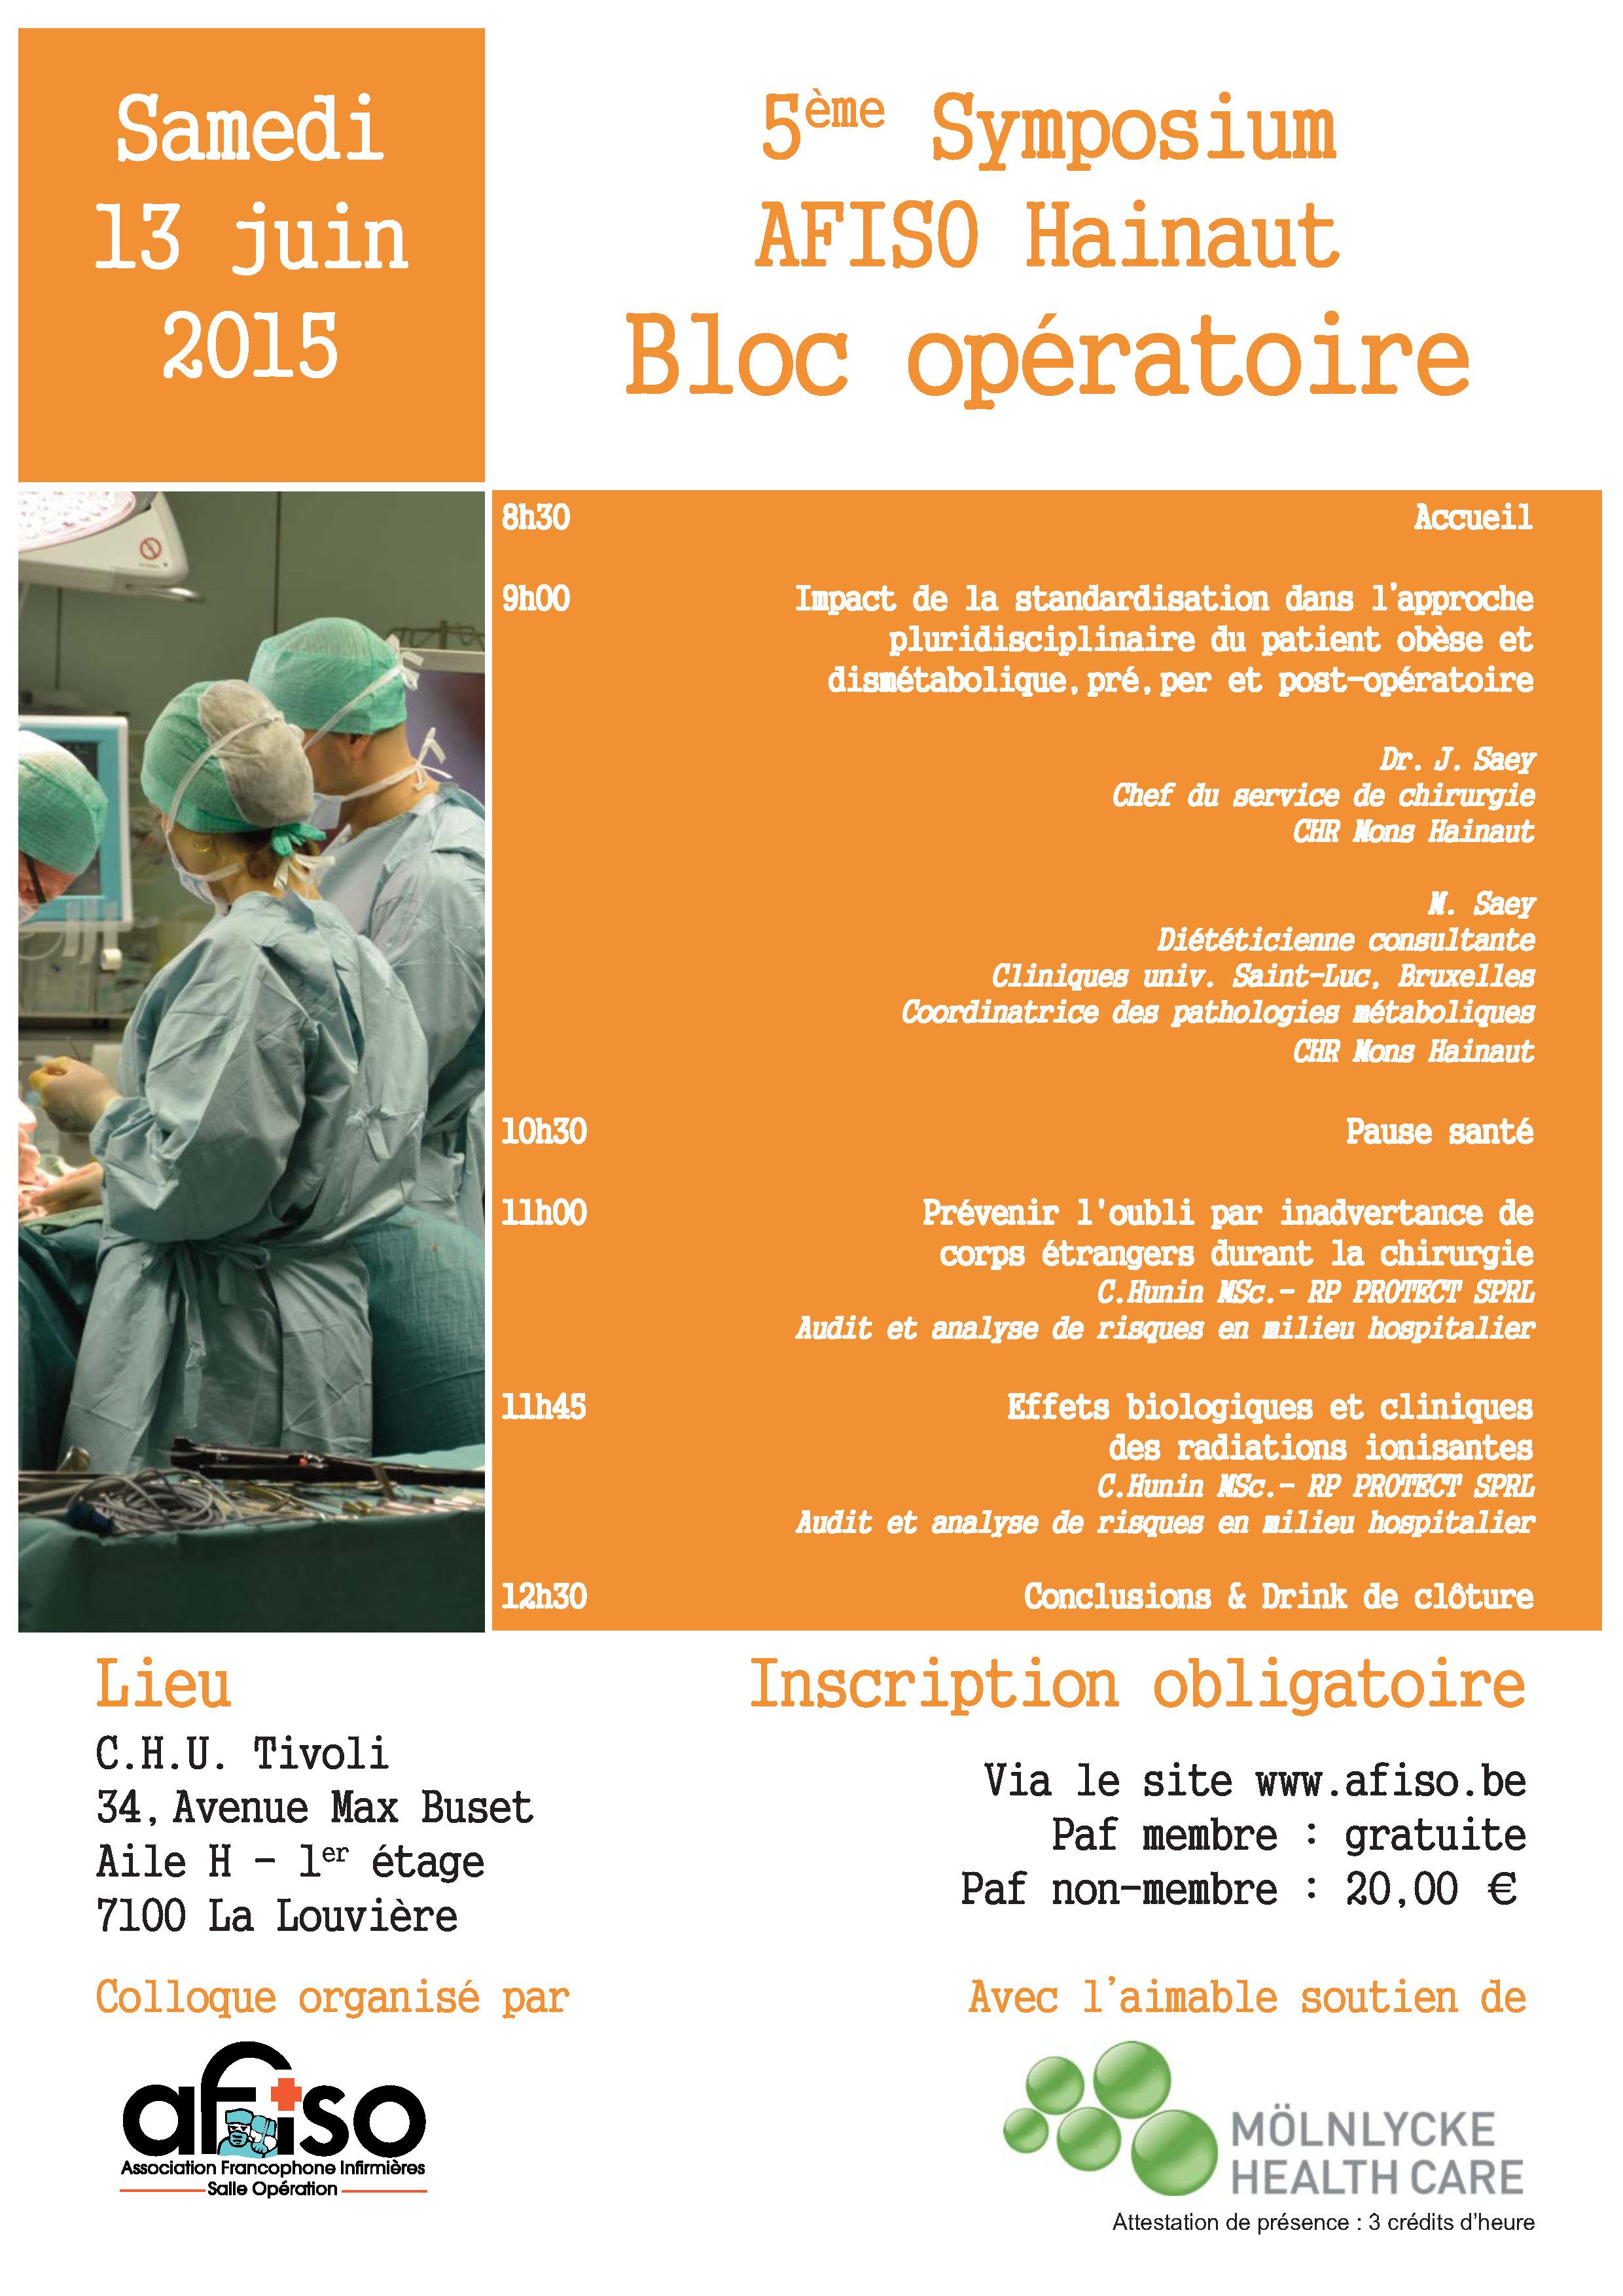 Samedi 13 juin : 5ème Symposium AFISO Hainaut